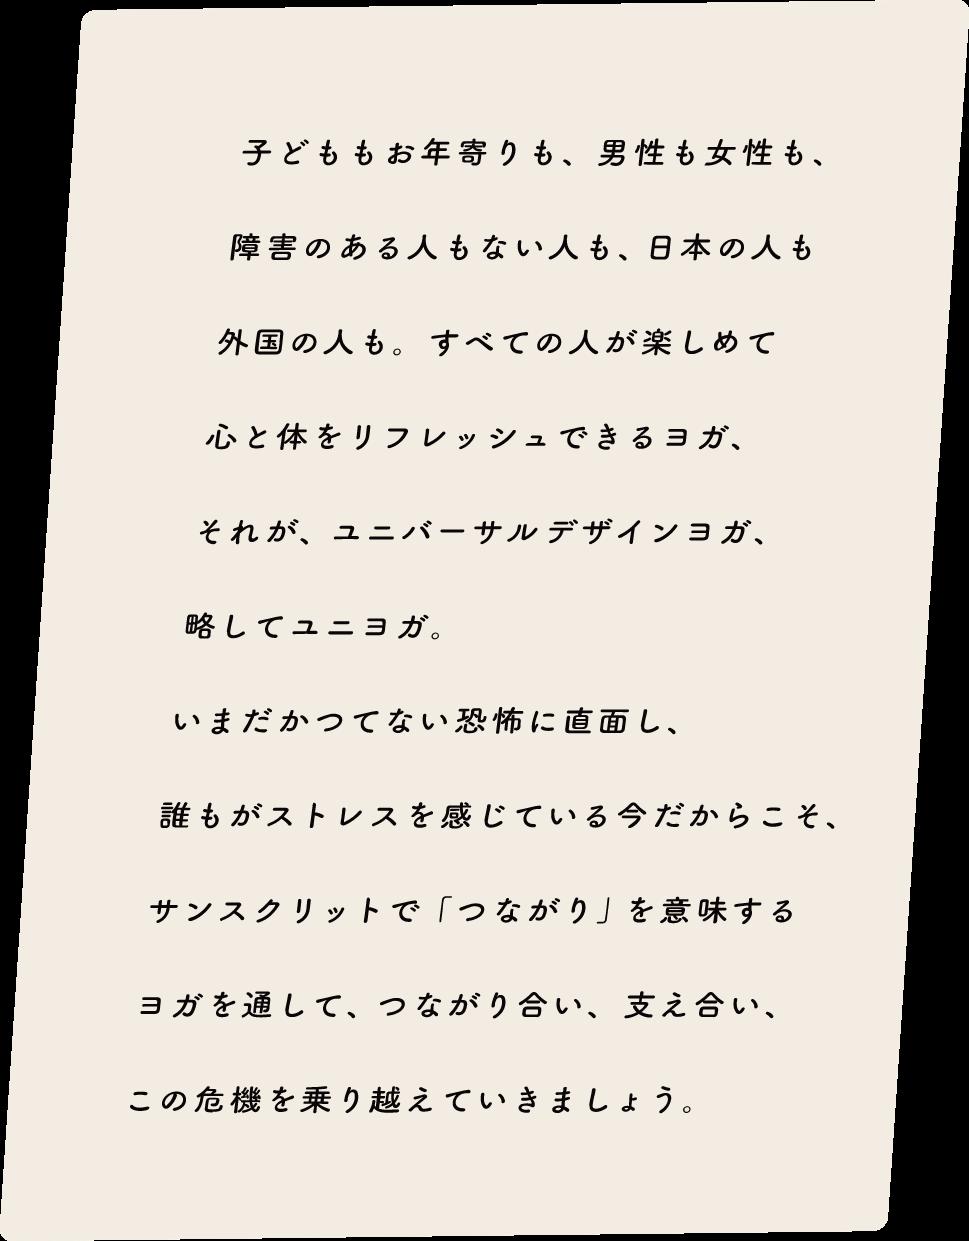 子どももお年寄りも、男性も女性も、障害のある人もない人も、日本の人も外国の人も、全ての人が楽しめて心と体をリフレッシュできるヨガ、それが、ユニバーサルデザインヨガ、略してユニヨガ。いまだかつてない恐怖に直面し、誰もがストレスを感じている今だからこそ、サンスクリットで「つながり」を意味するヨガを通して、つながりあい、支え合い、この機器を乗り越えていきましょう